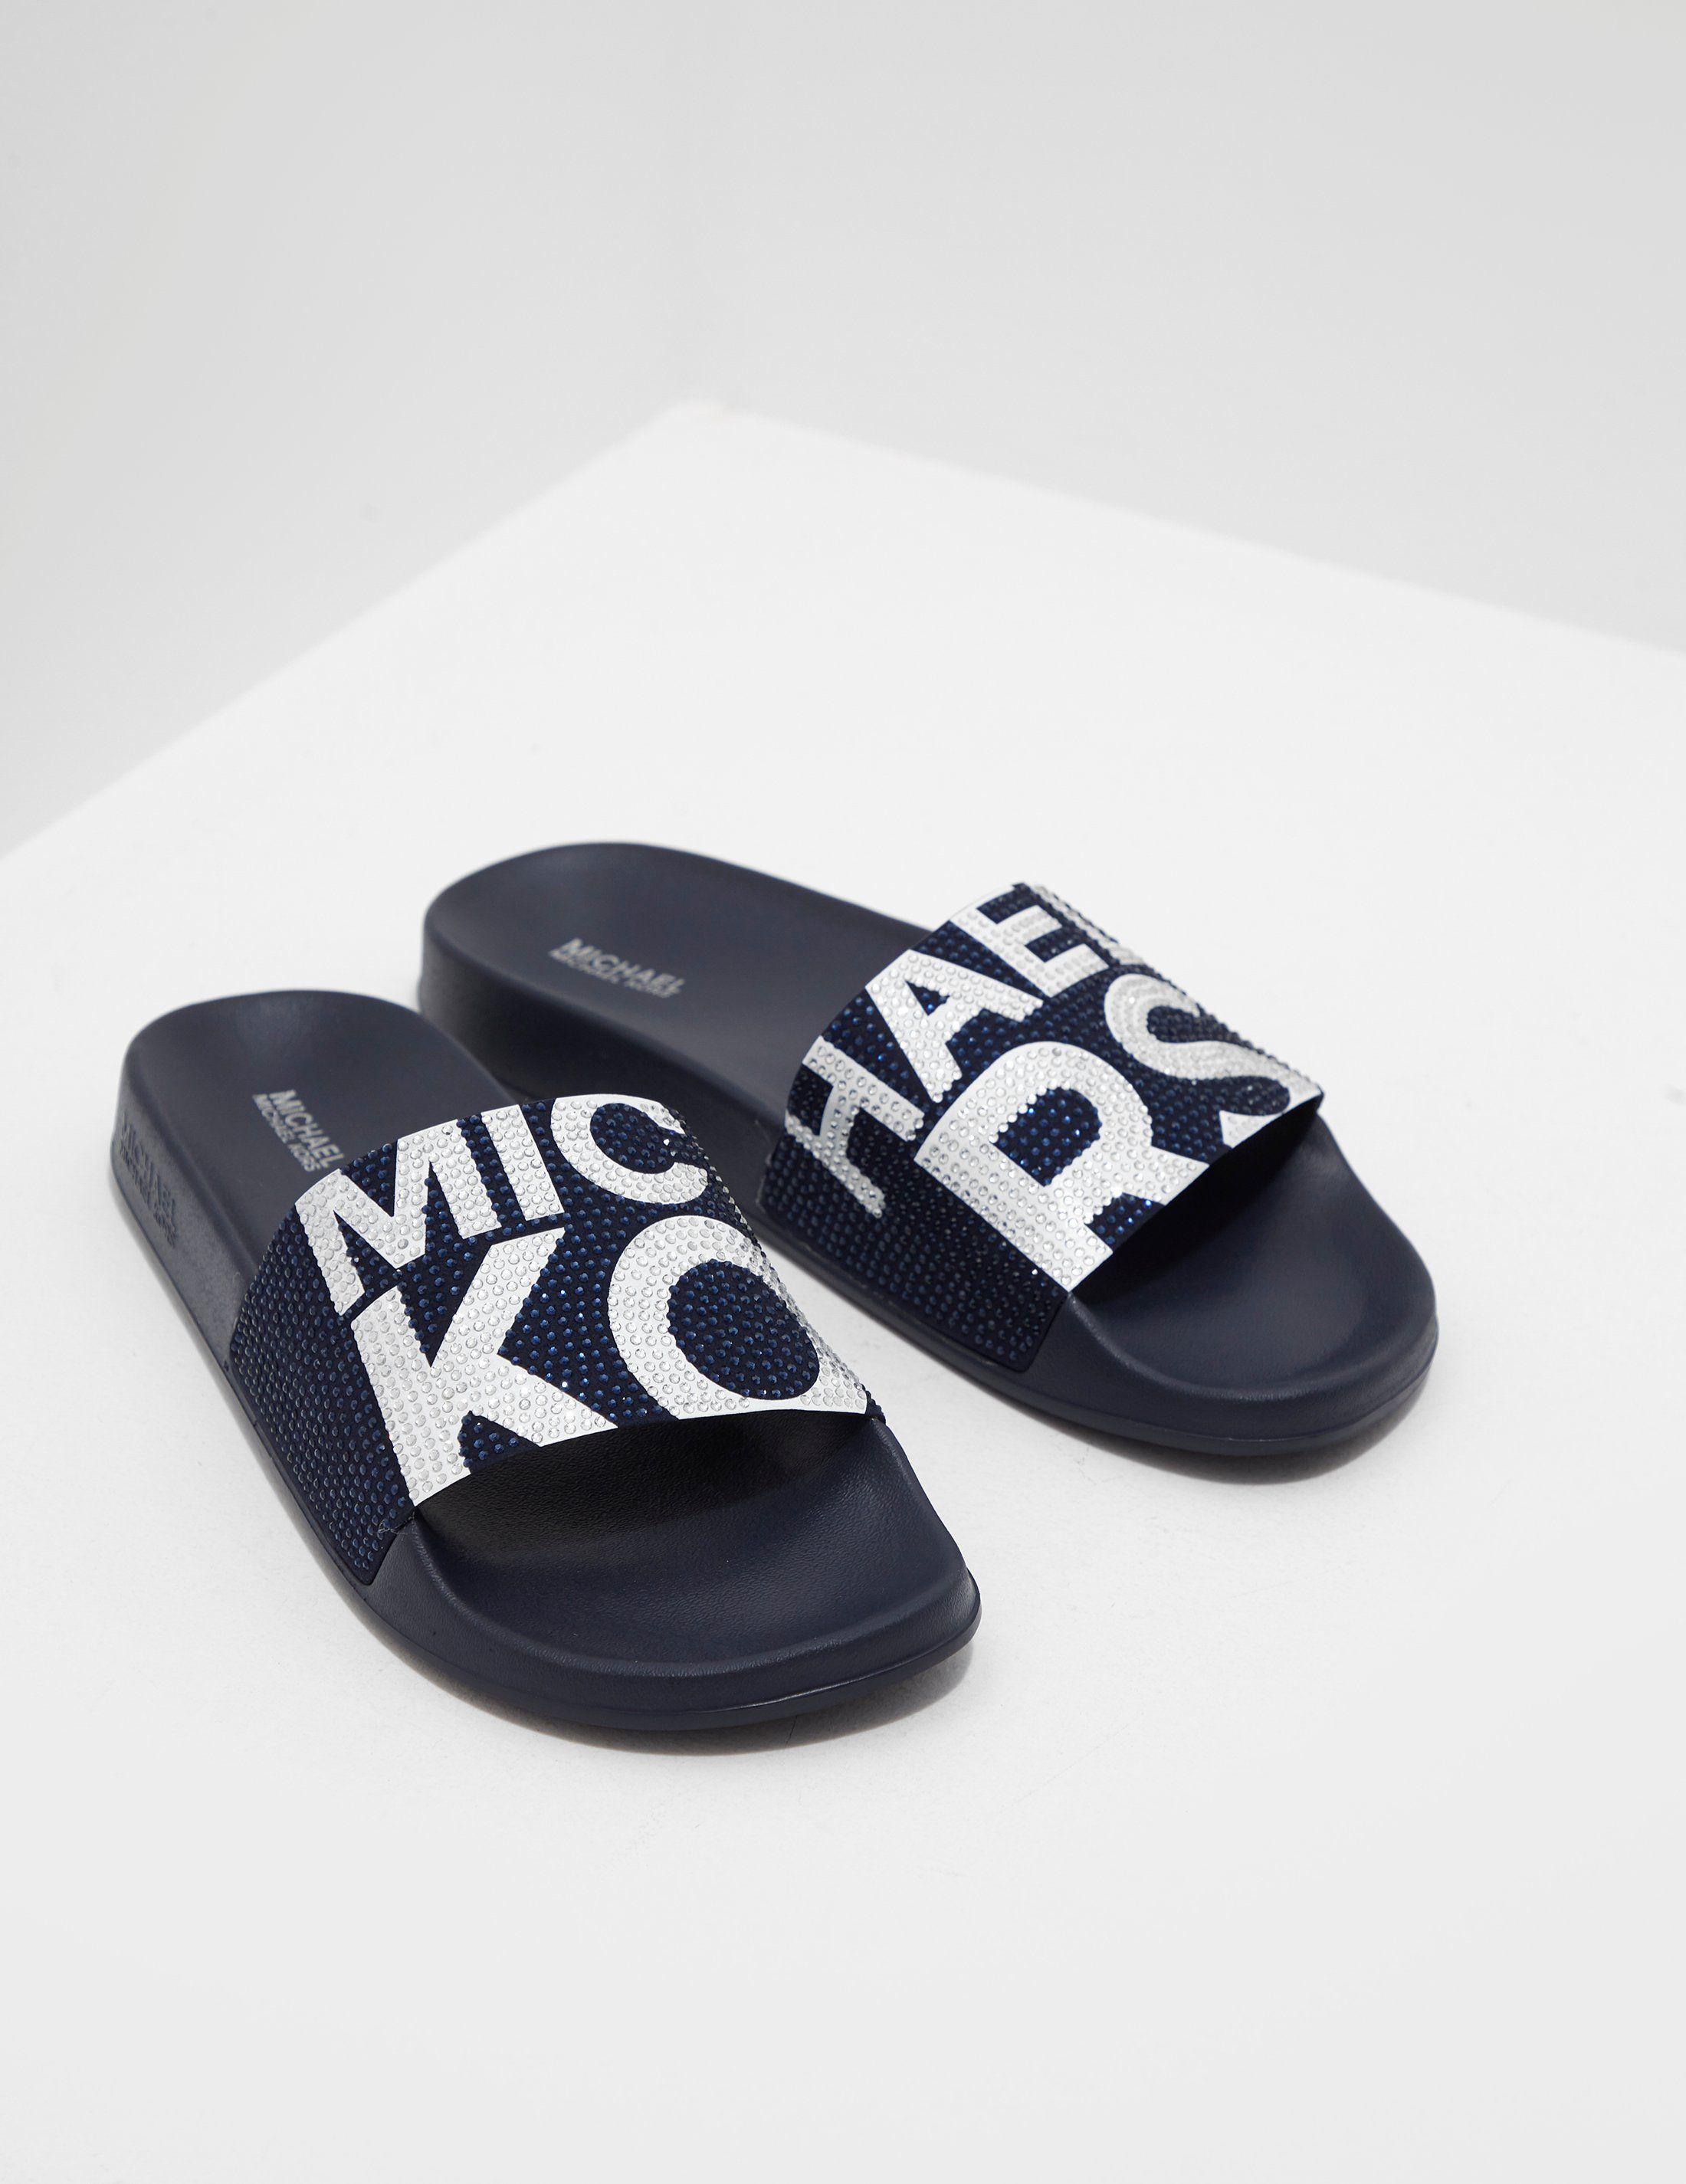 Michael Kors Gilmore Slides